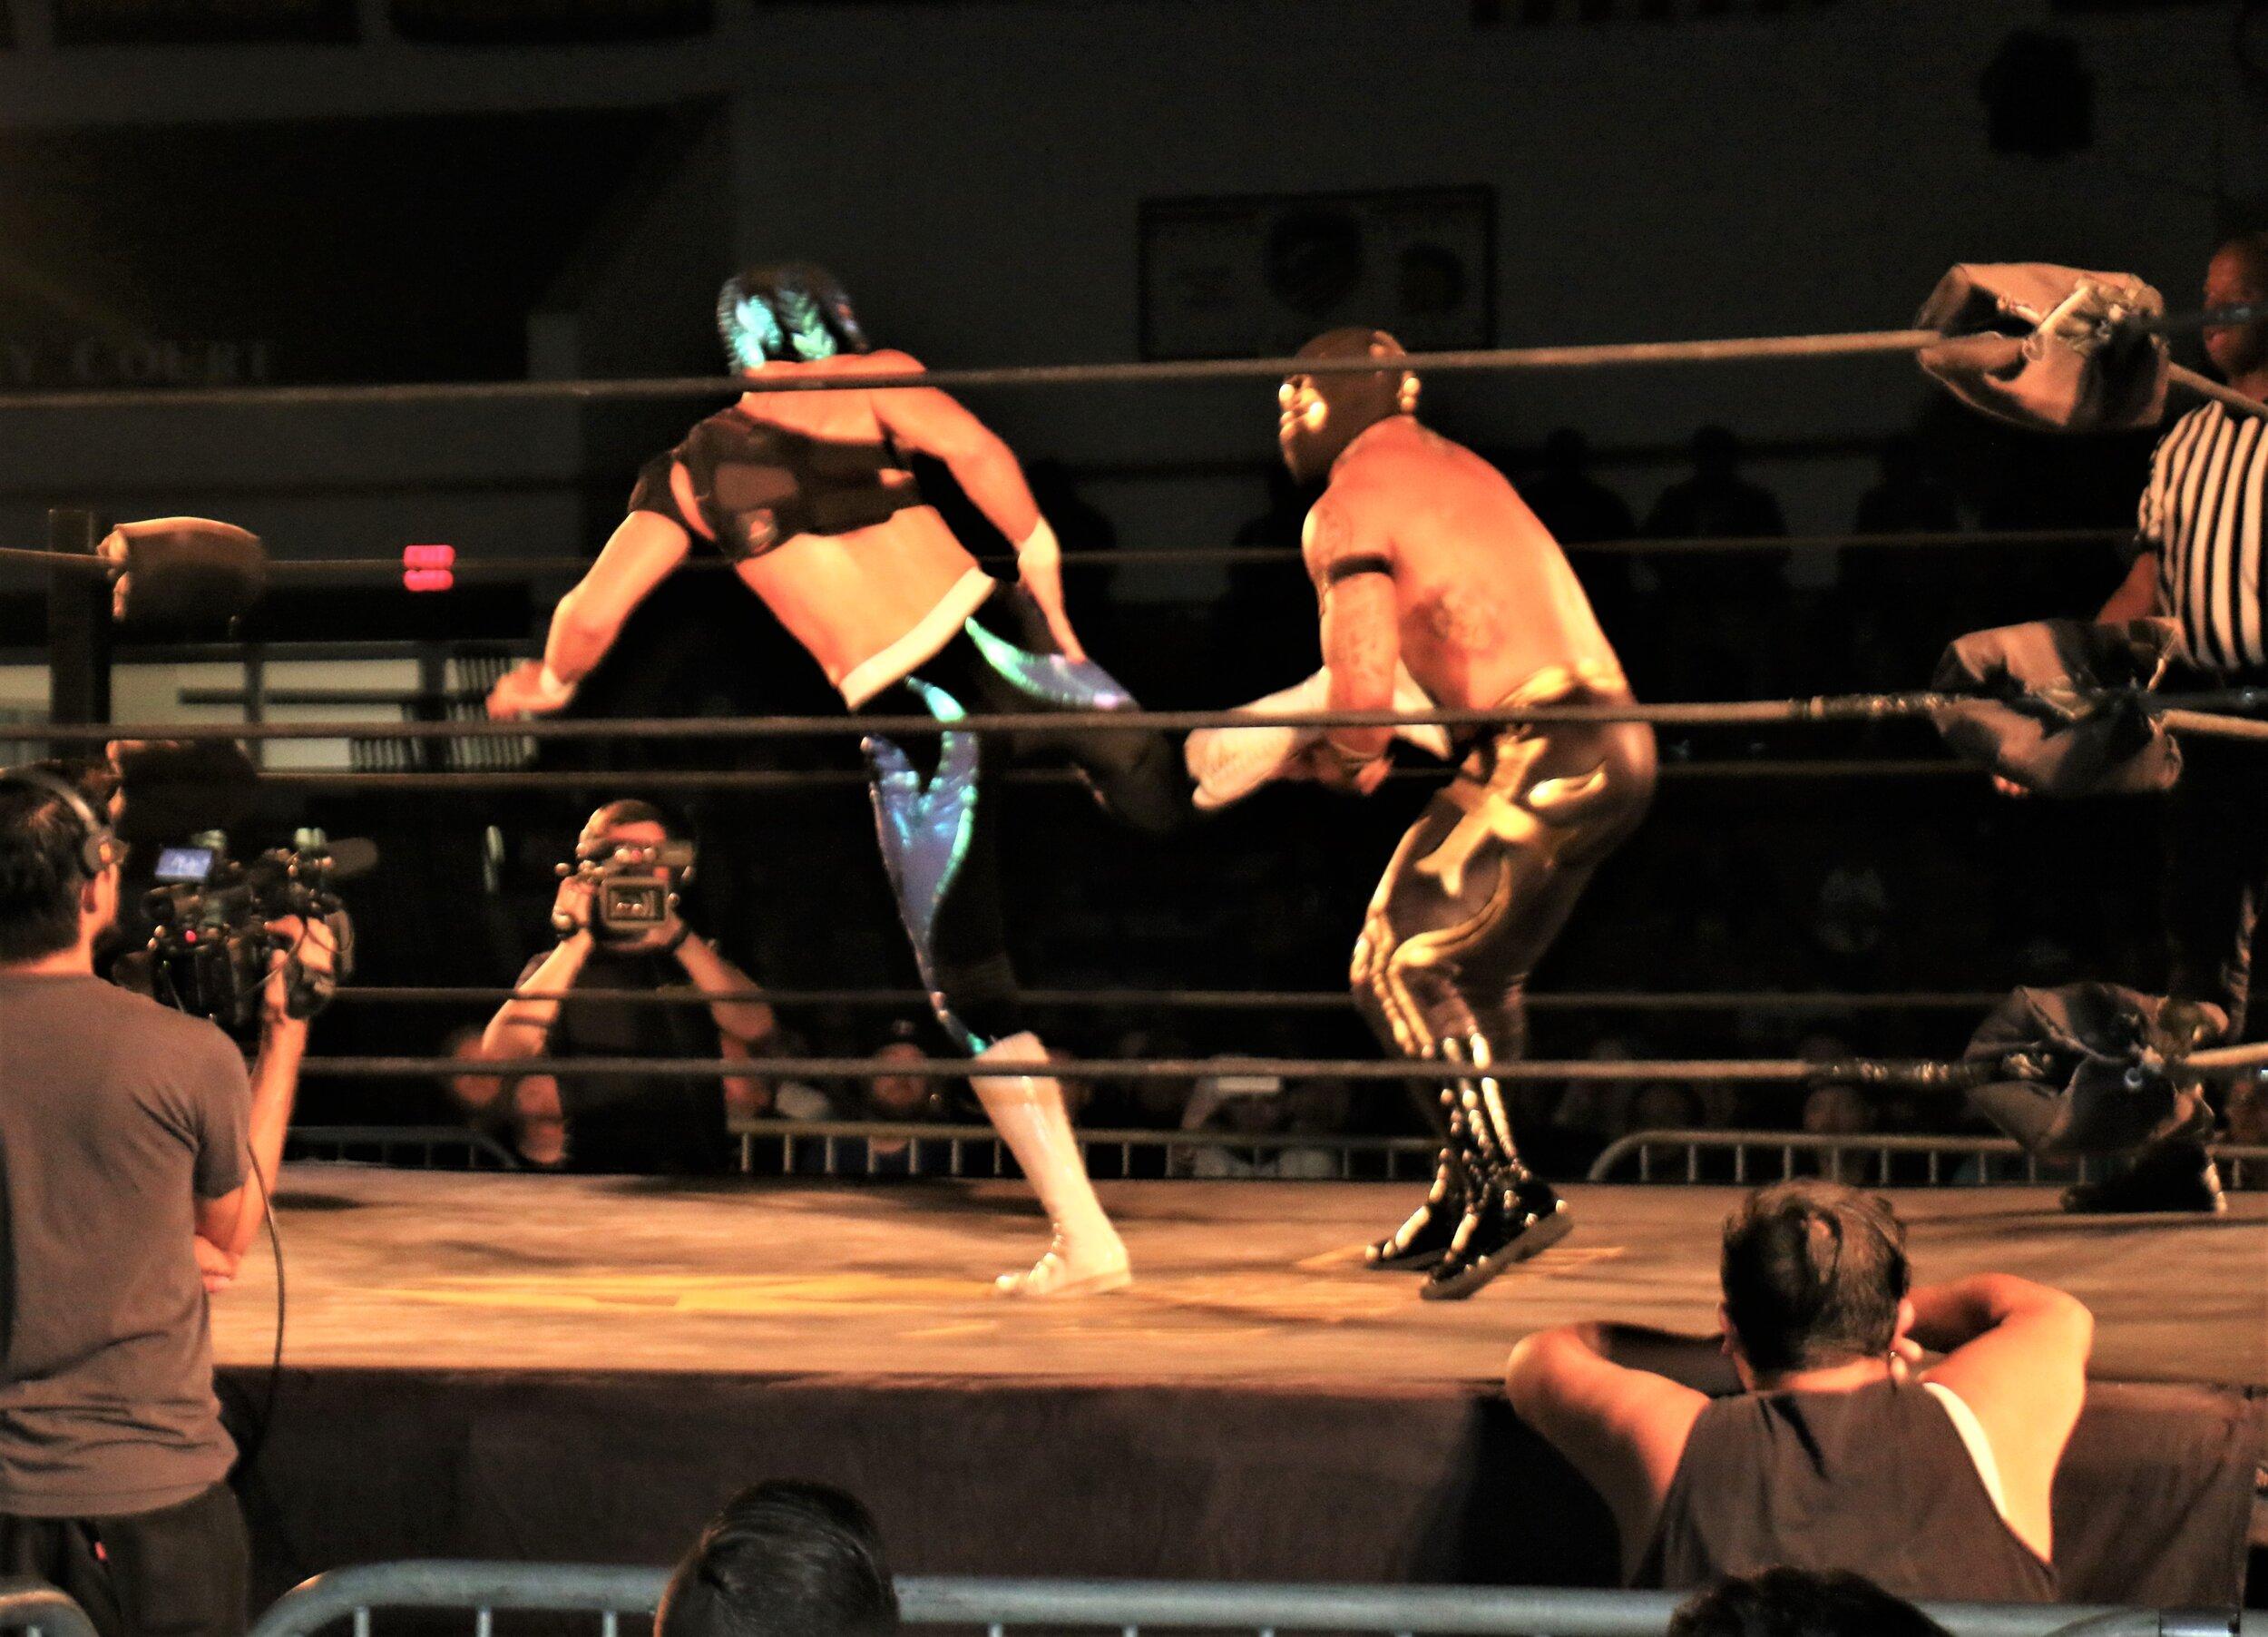 Sobreano Jr. delivers a kick to Templario.